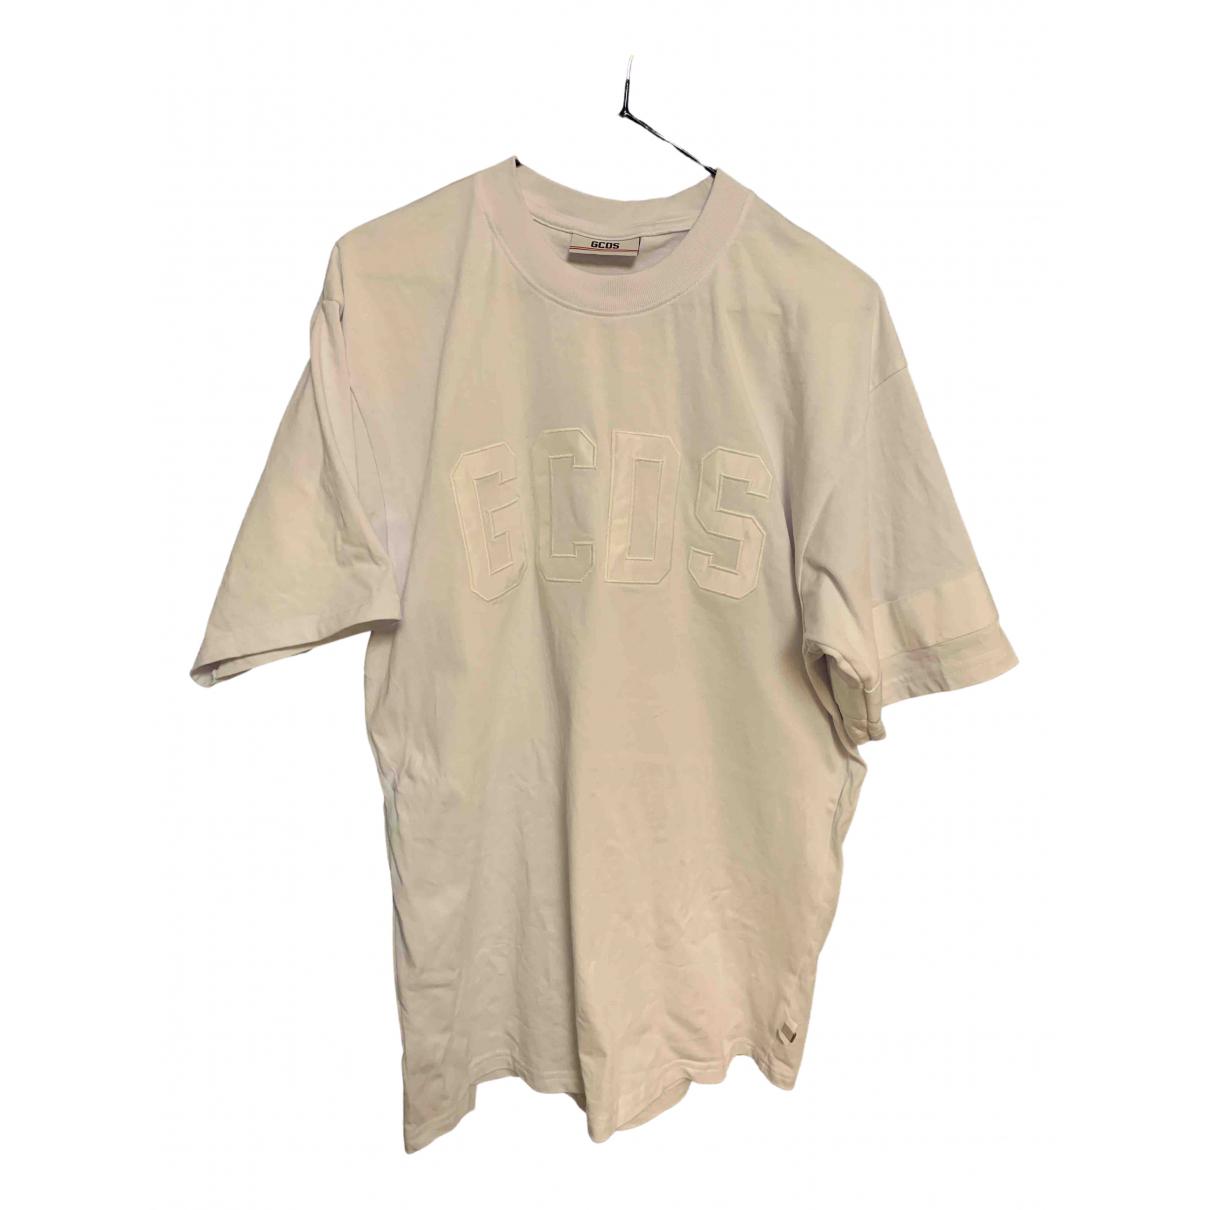 Gcds - Tee shirts   pour homme en coton - blanc